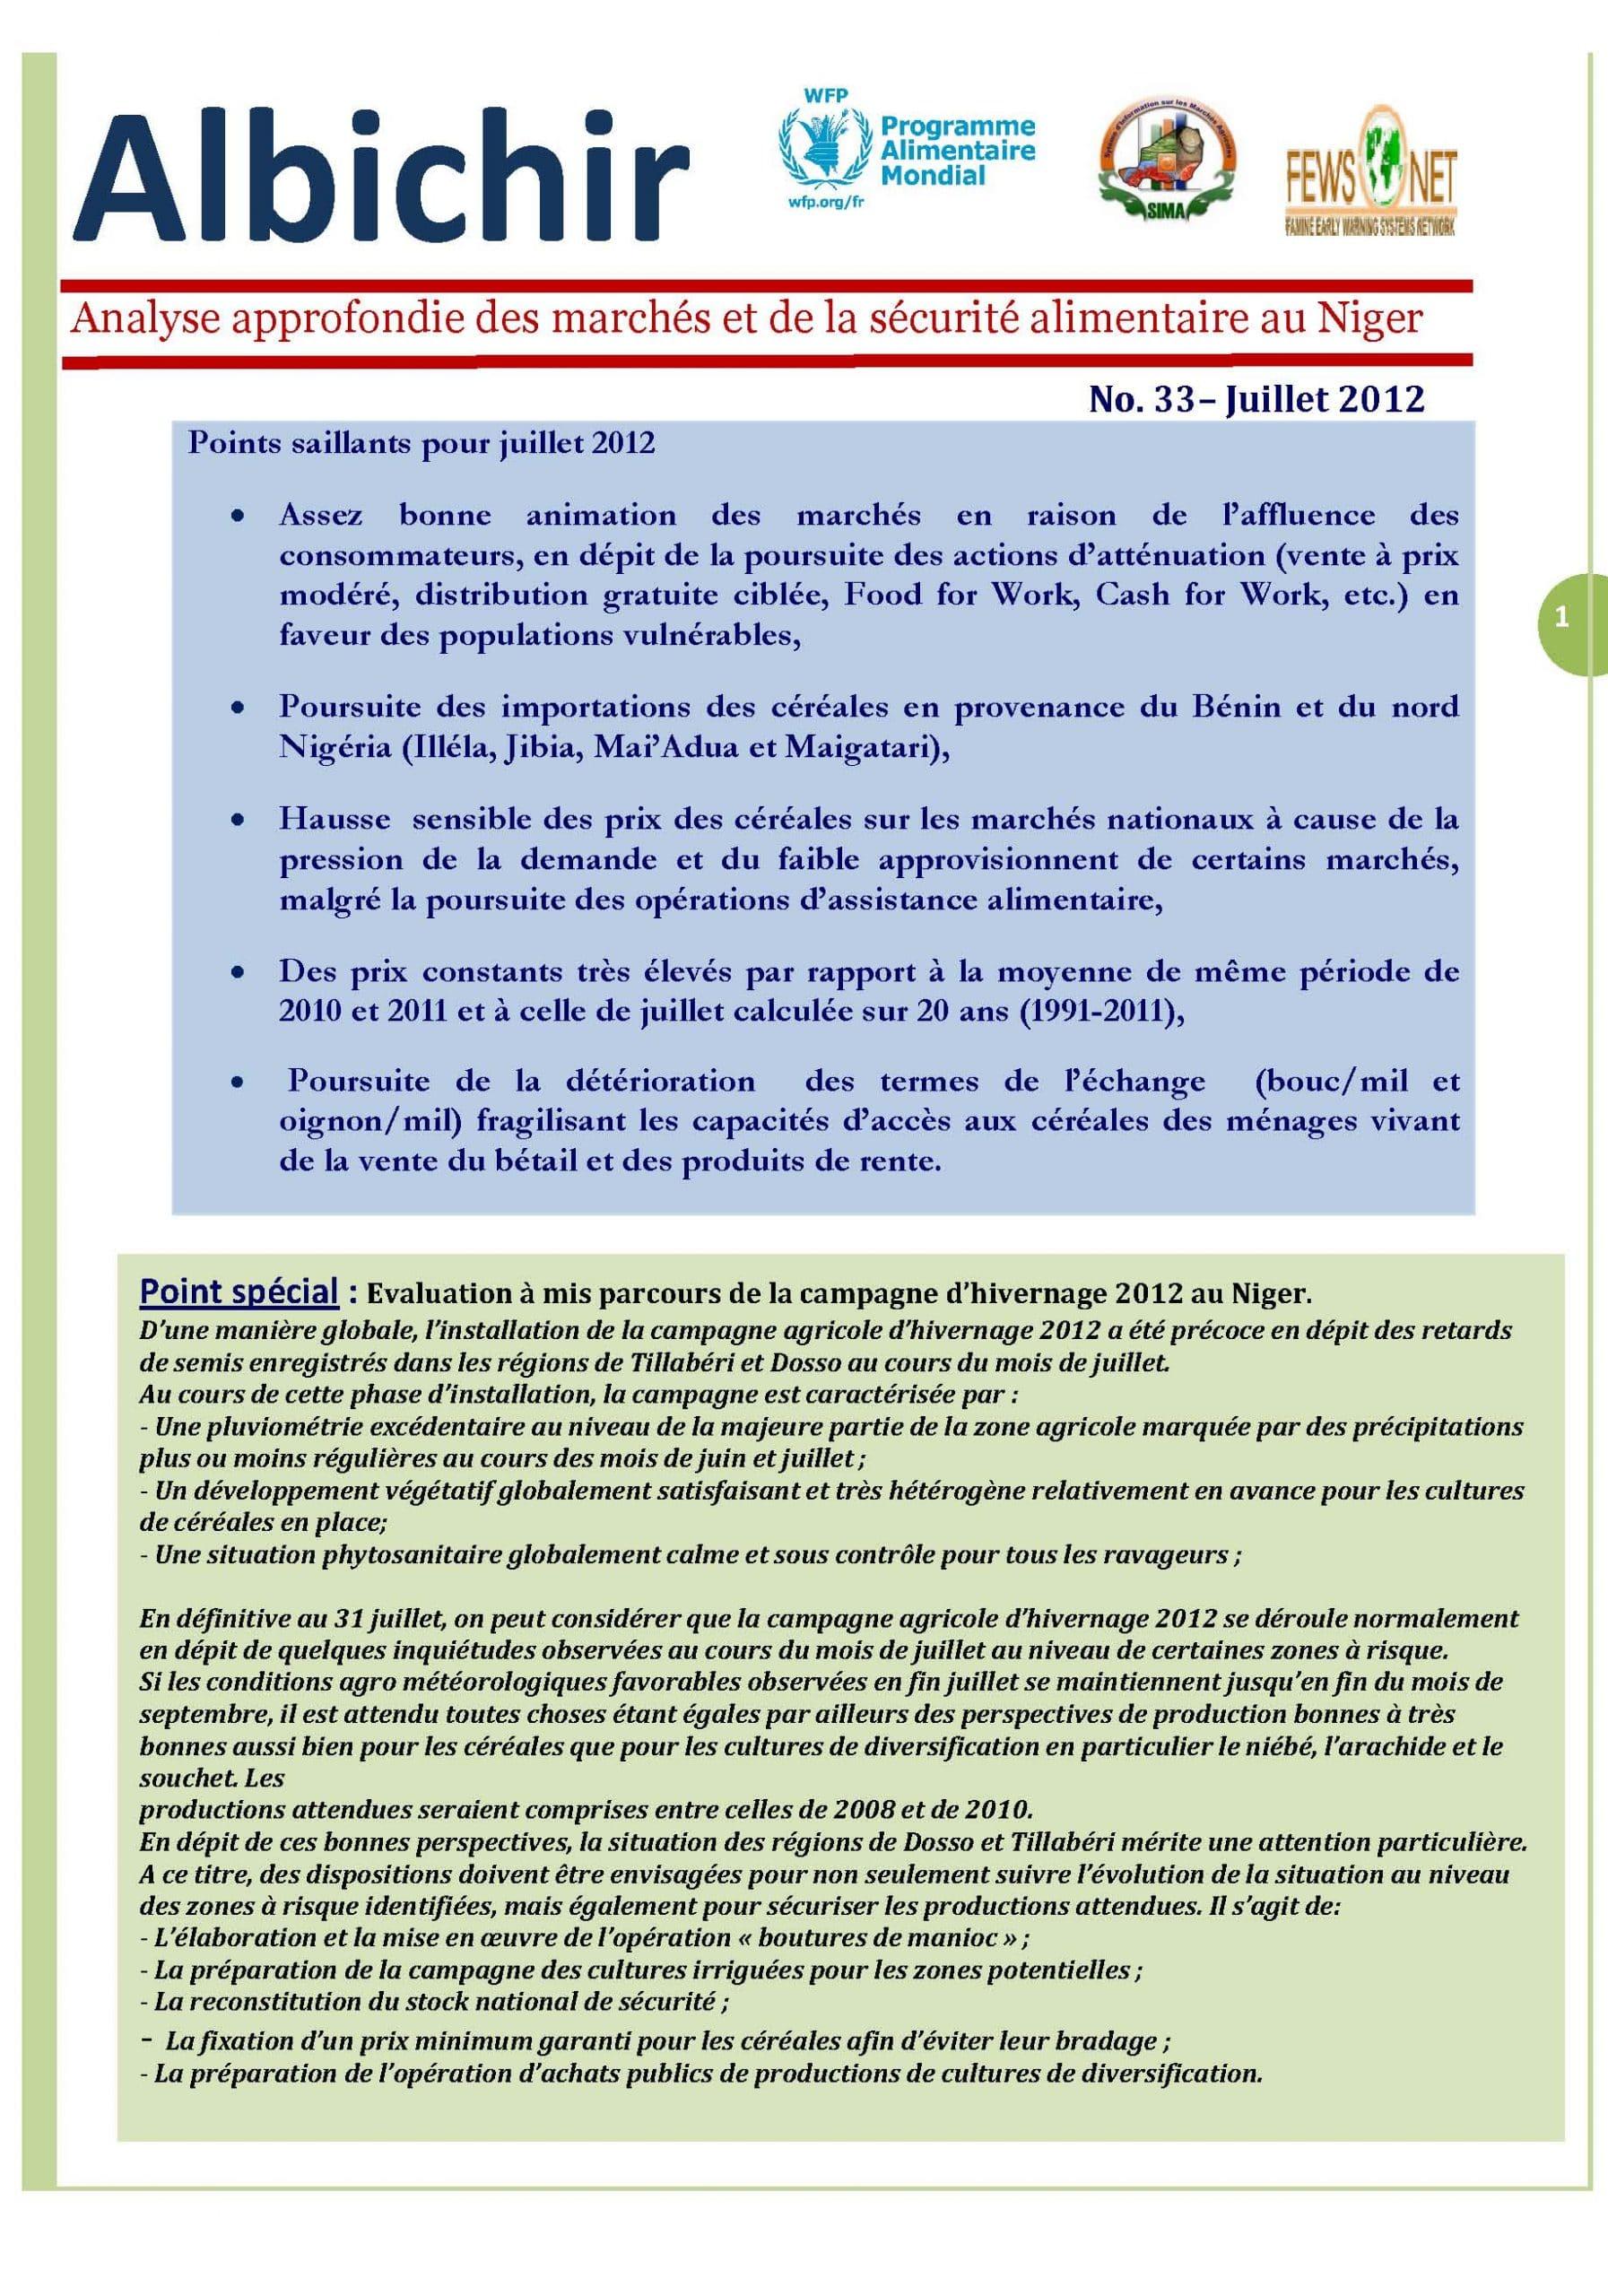 ALBICHIR : Analyse approfondie des marchés et de la sécurité alimentaire au Niger - No. 33– Juillet 2012